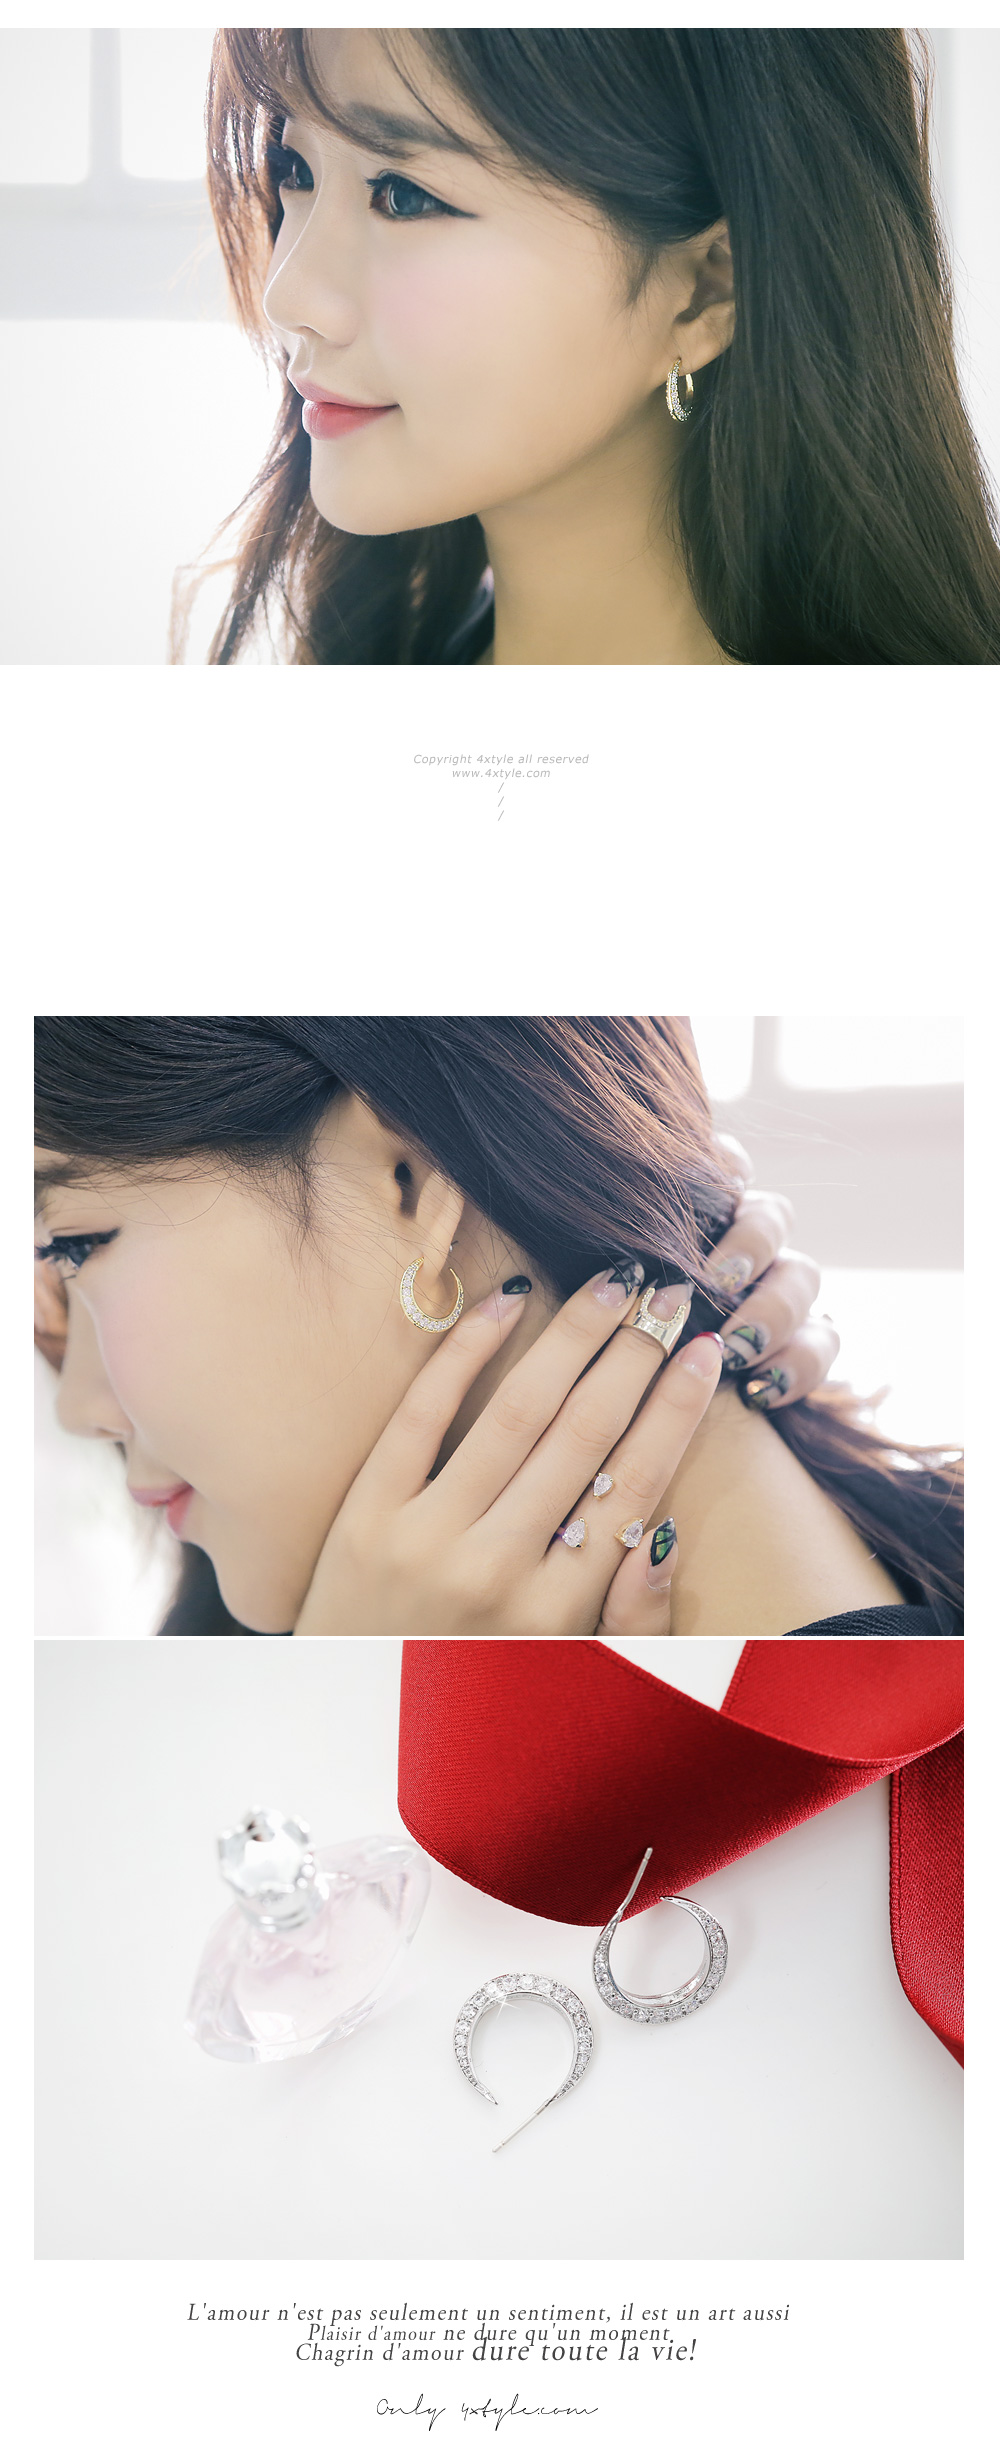 [ 4xtyle ] Heather环耳环、3种颜色